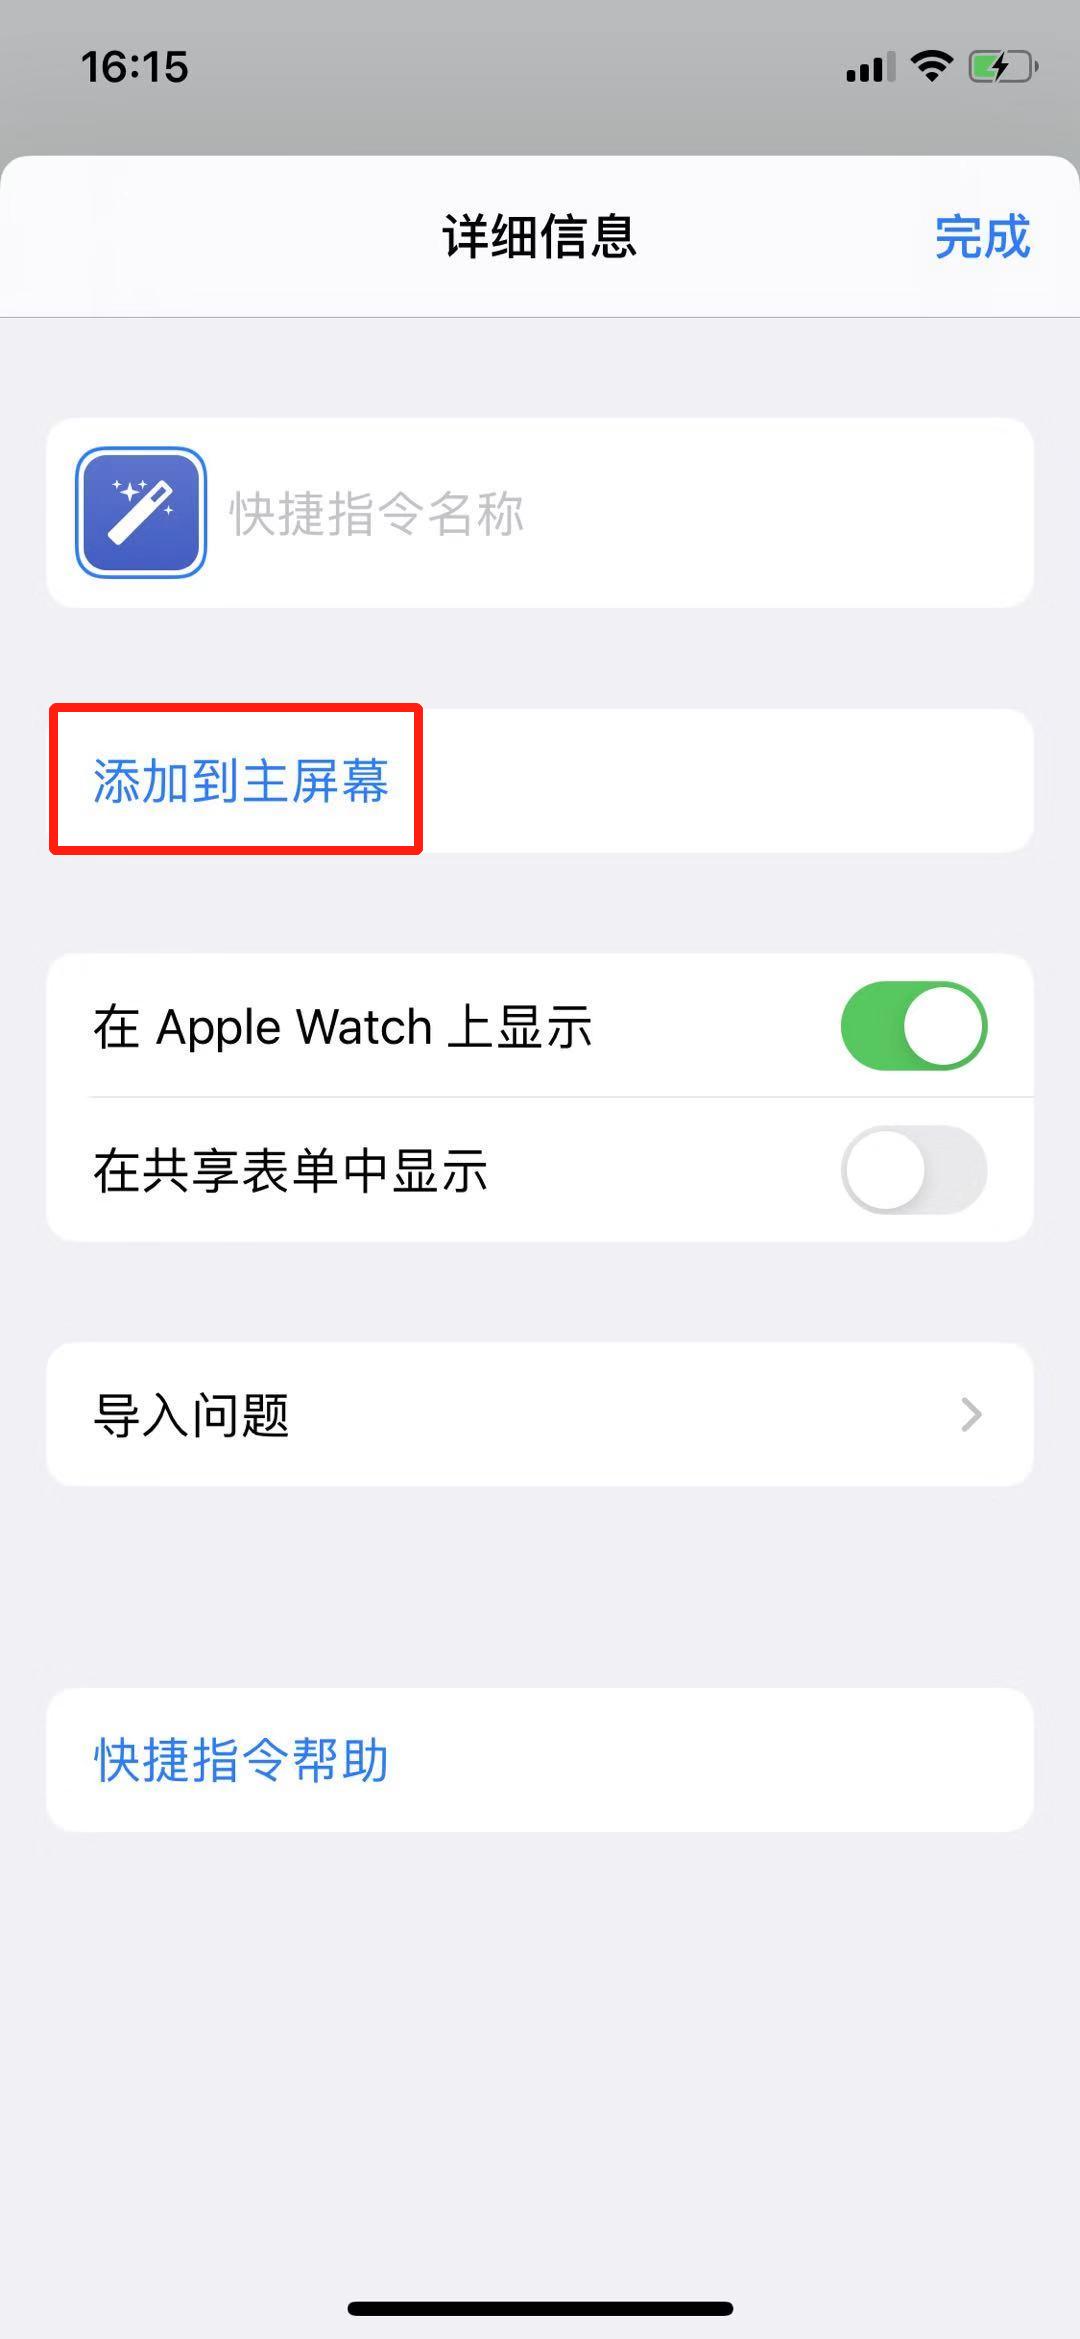 iOS 真假 App 骚操作,比连连看还刺激~